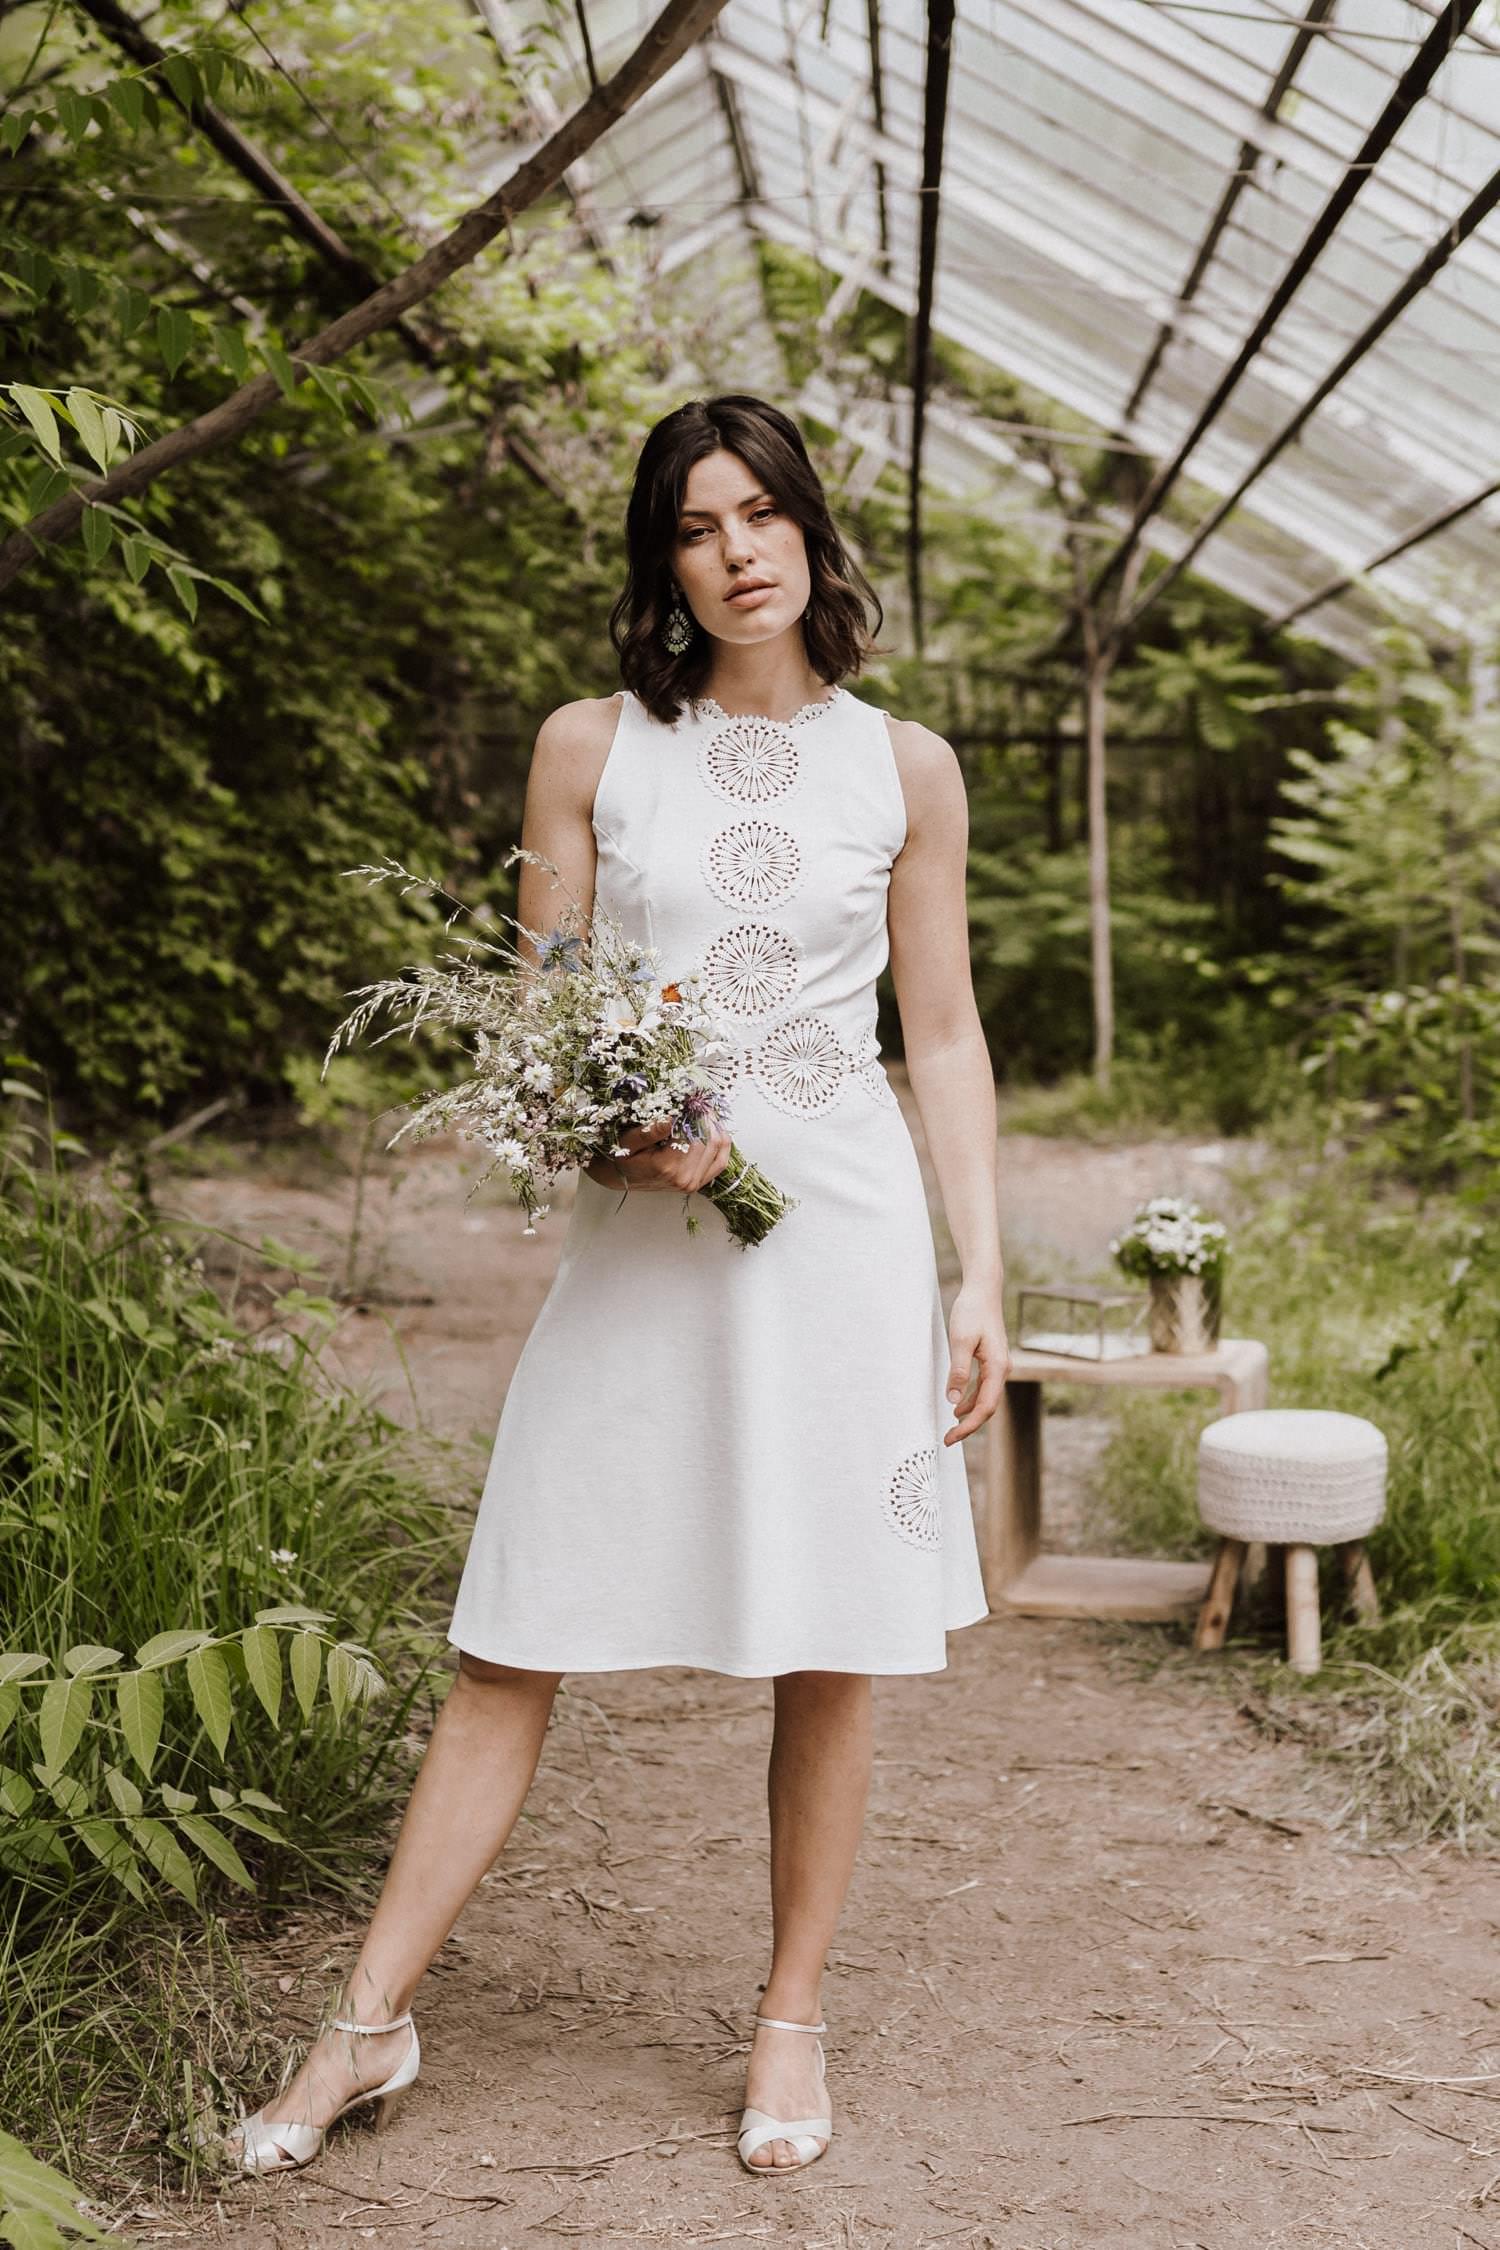 Brautkleid-weiß-kurz